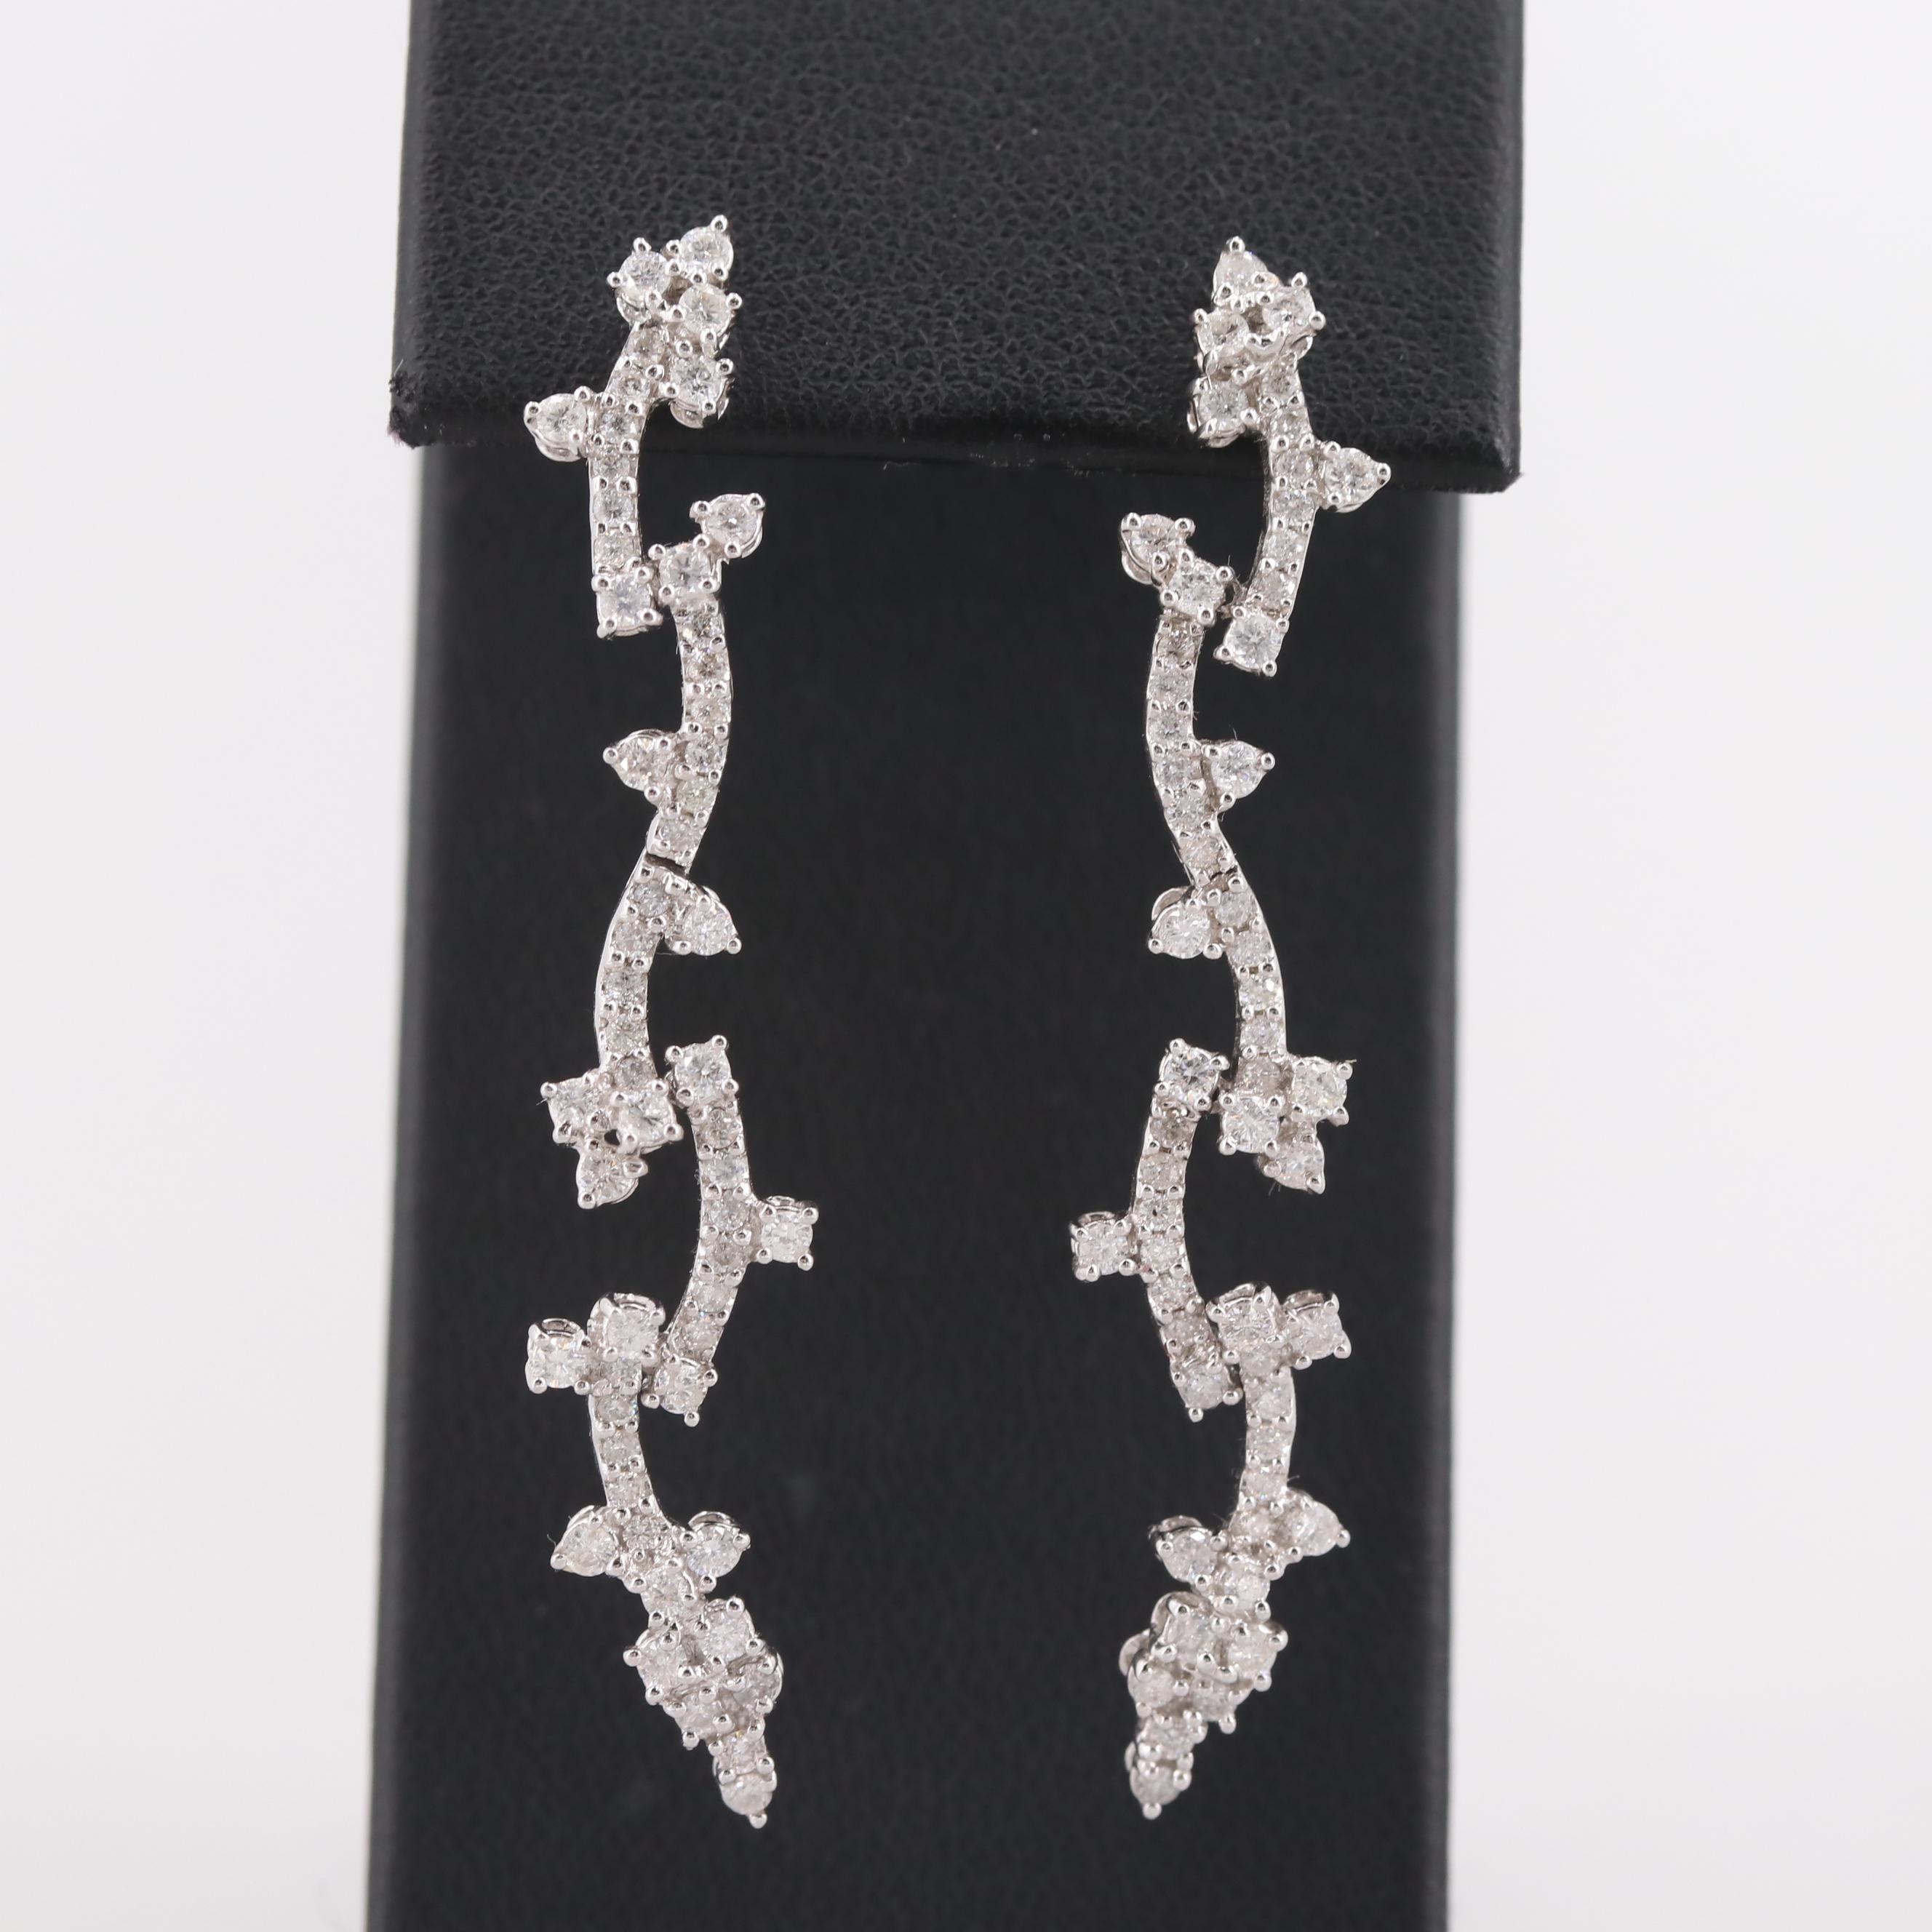 18K White Gold 1.51 CTW Diamond Earrings